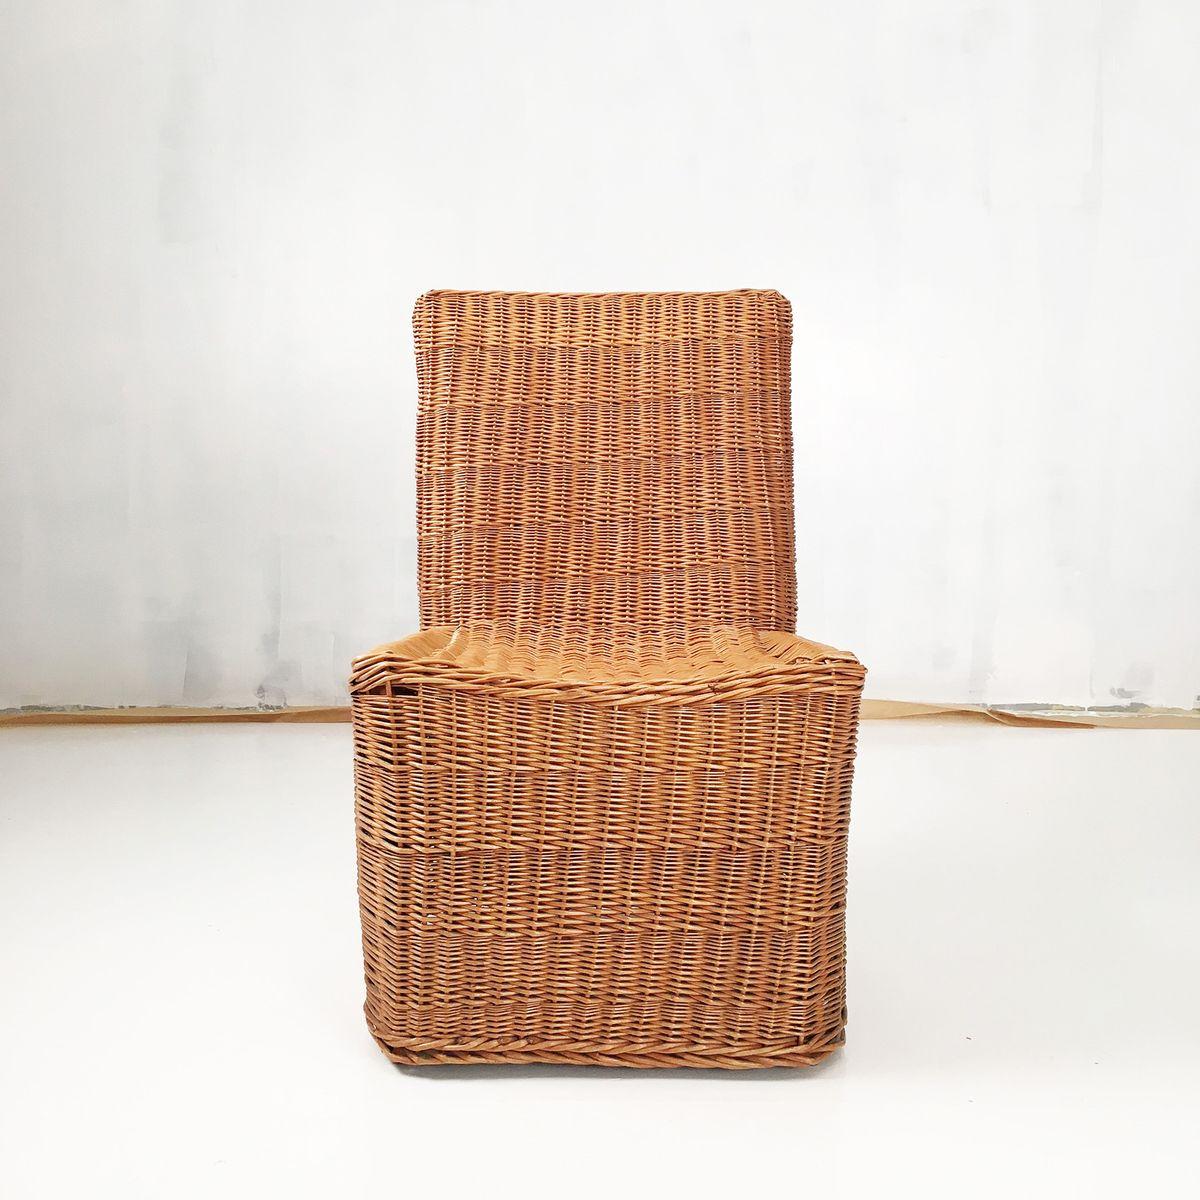 chaise d 39 appoint vintage en osier en vente sur pamono. Black Bedroom Furniture Sets. Home Design Ideas